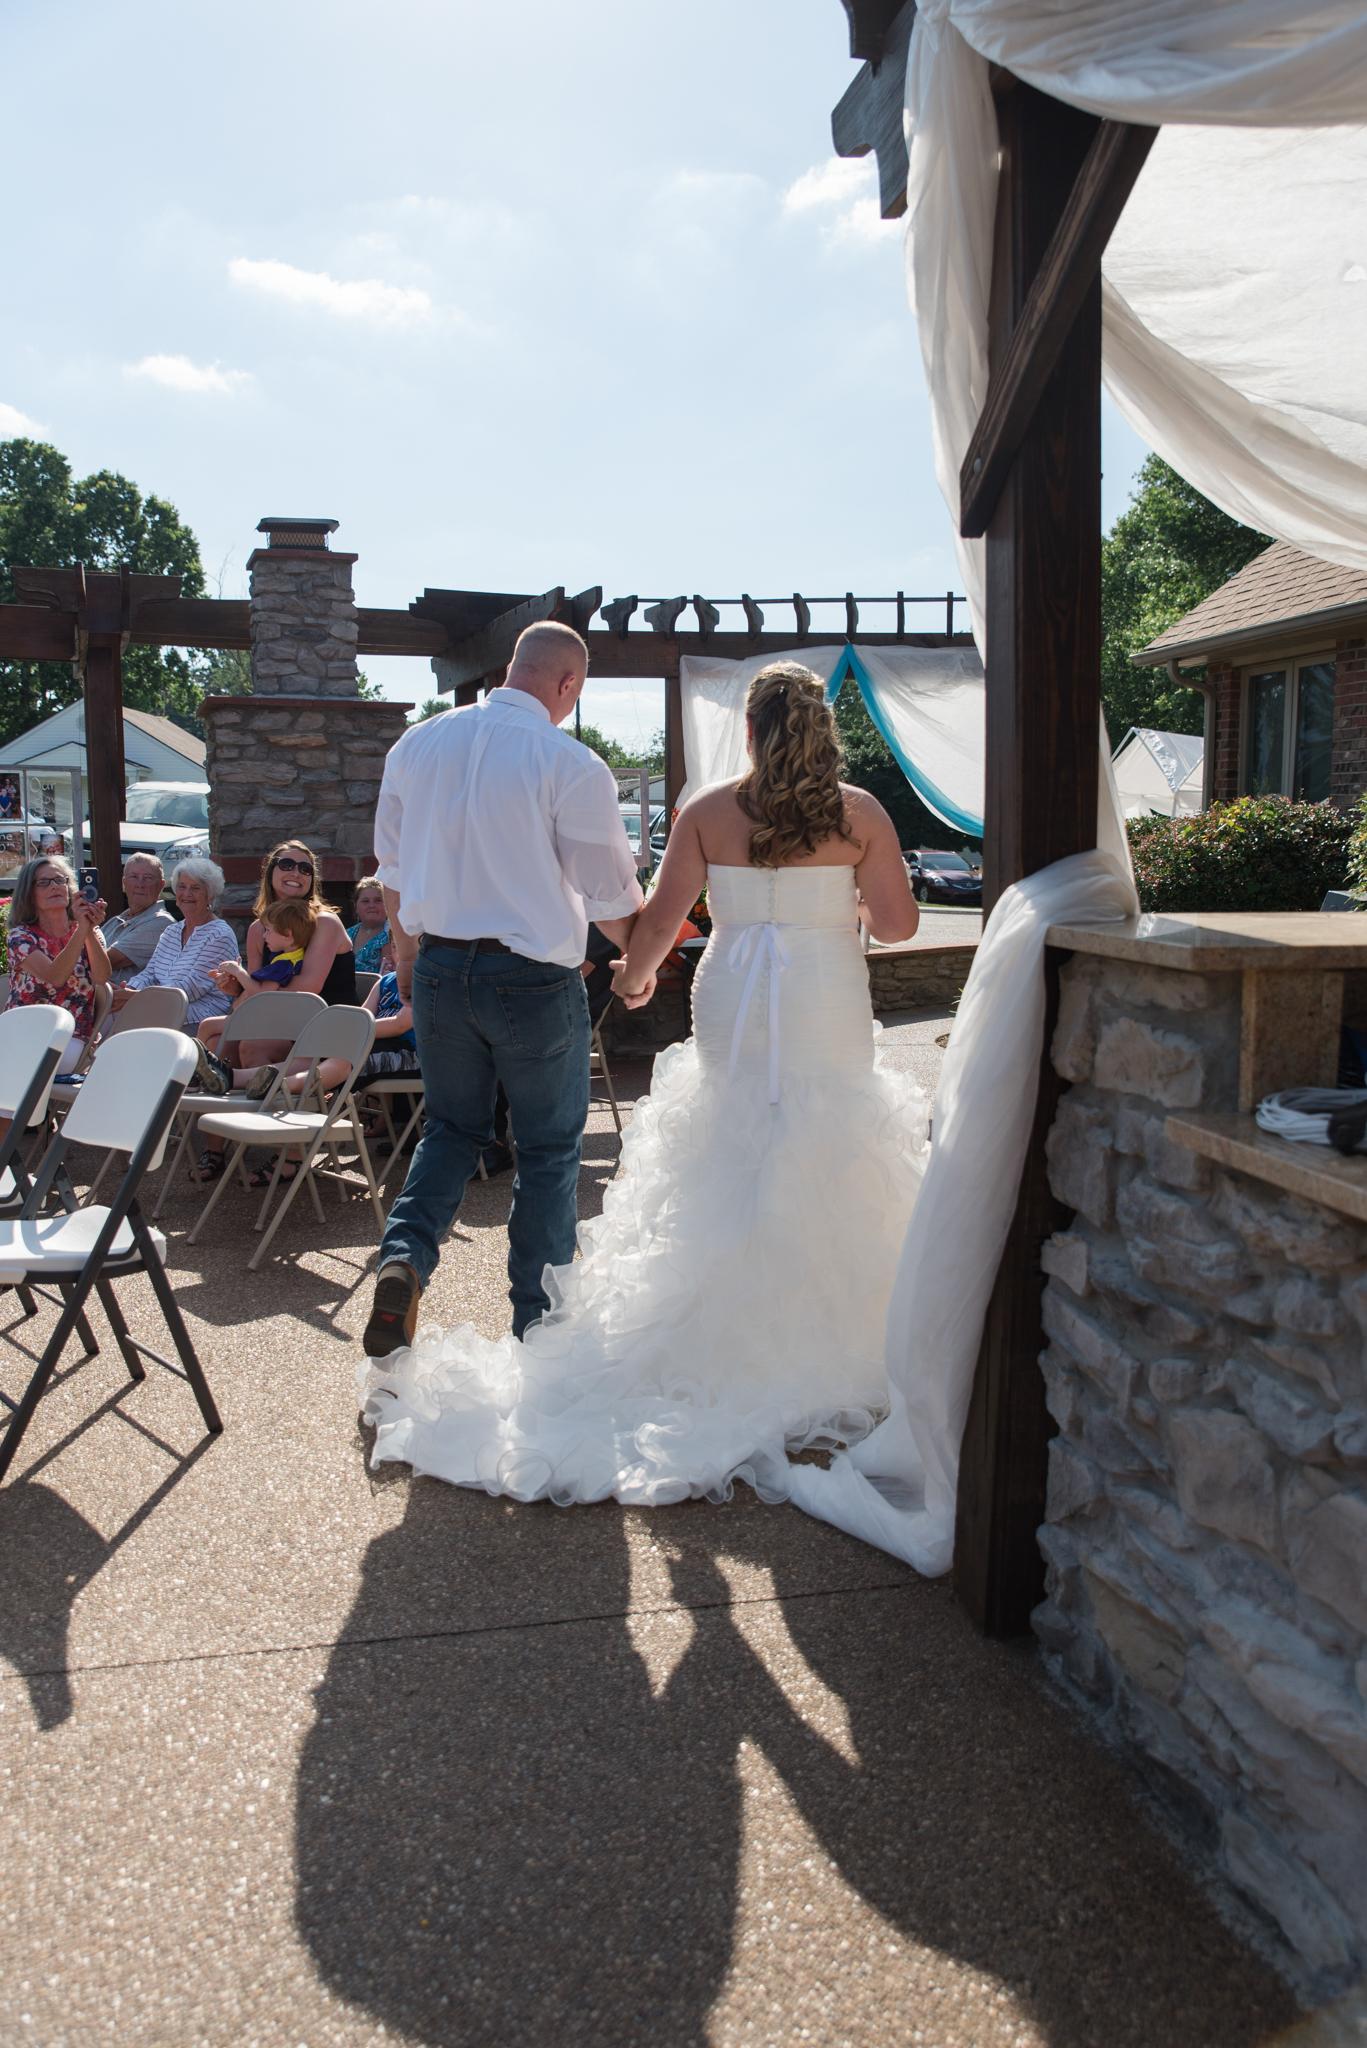 KY outdoor wedding, Paris KY, Paris KY wedding photographer, ky bride